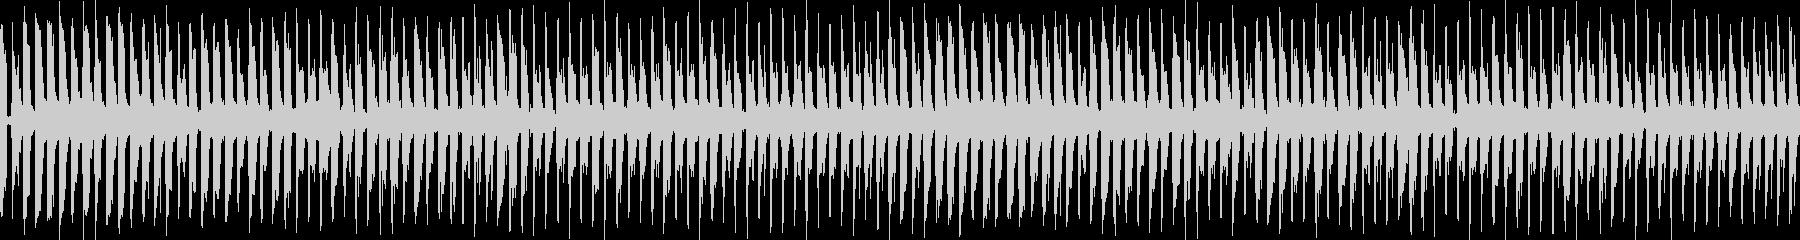 シューティング系やパズル系BGMにピッ…の未再生の波形